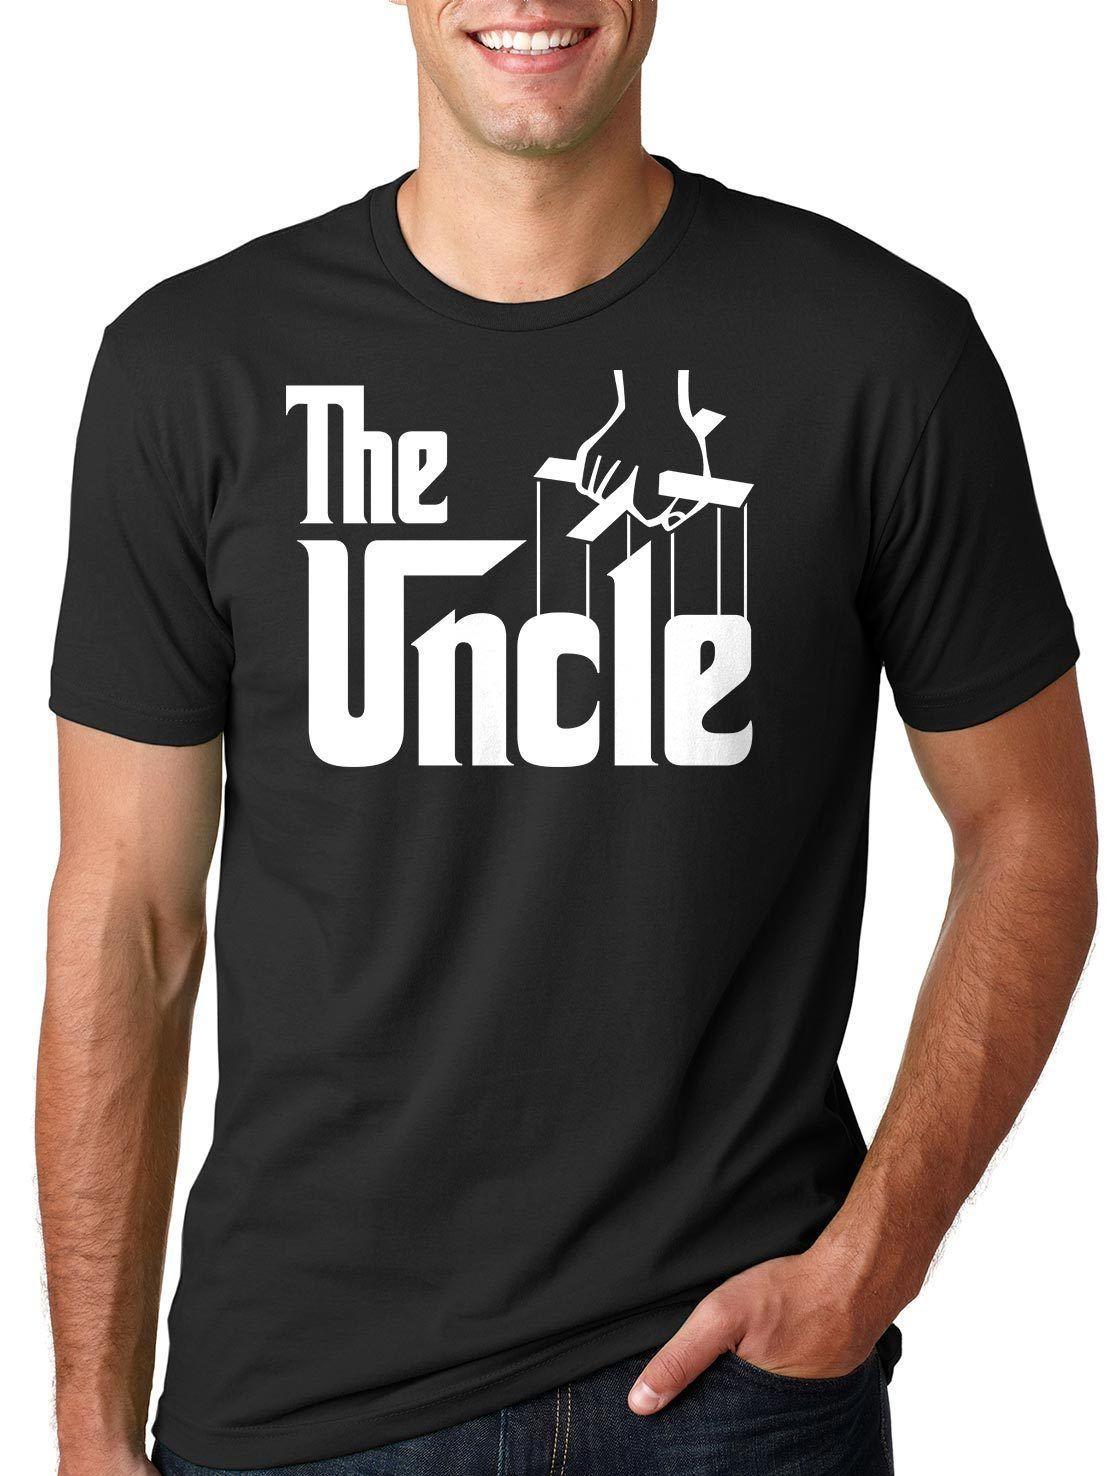 Grosshandel Onkel T Shirt Geschenk Fur Onkel Geburtstag Geschenk T